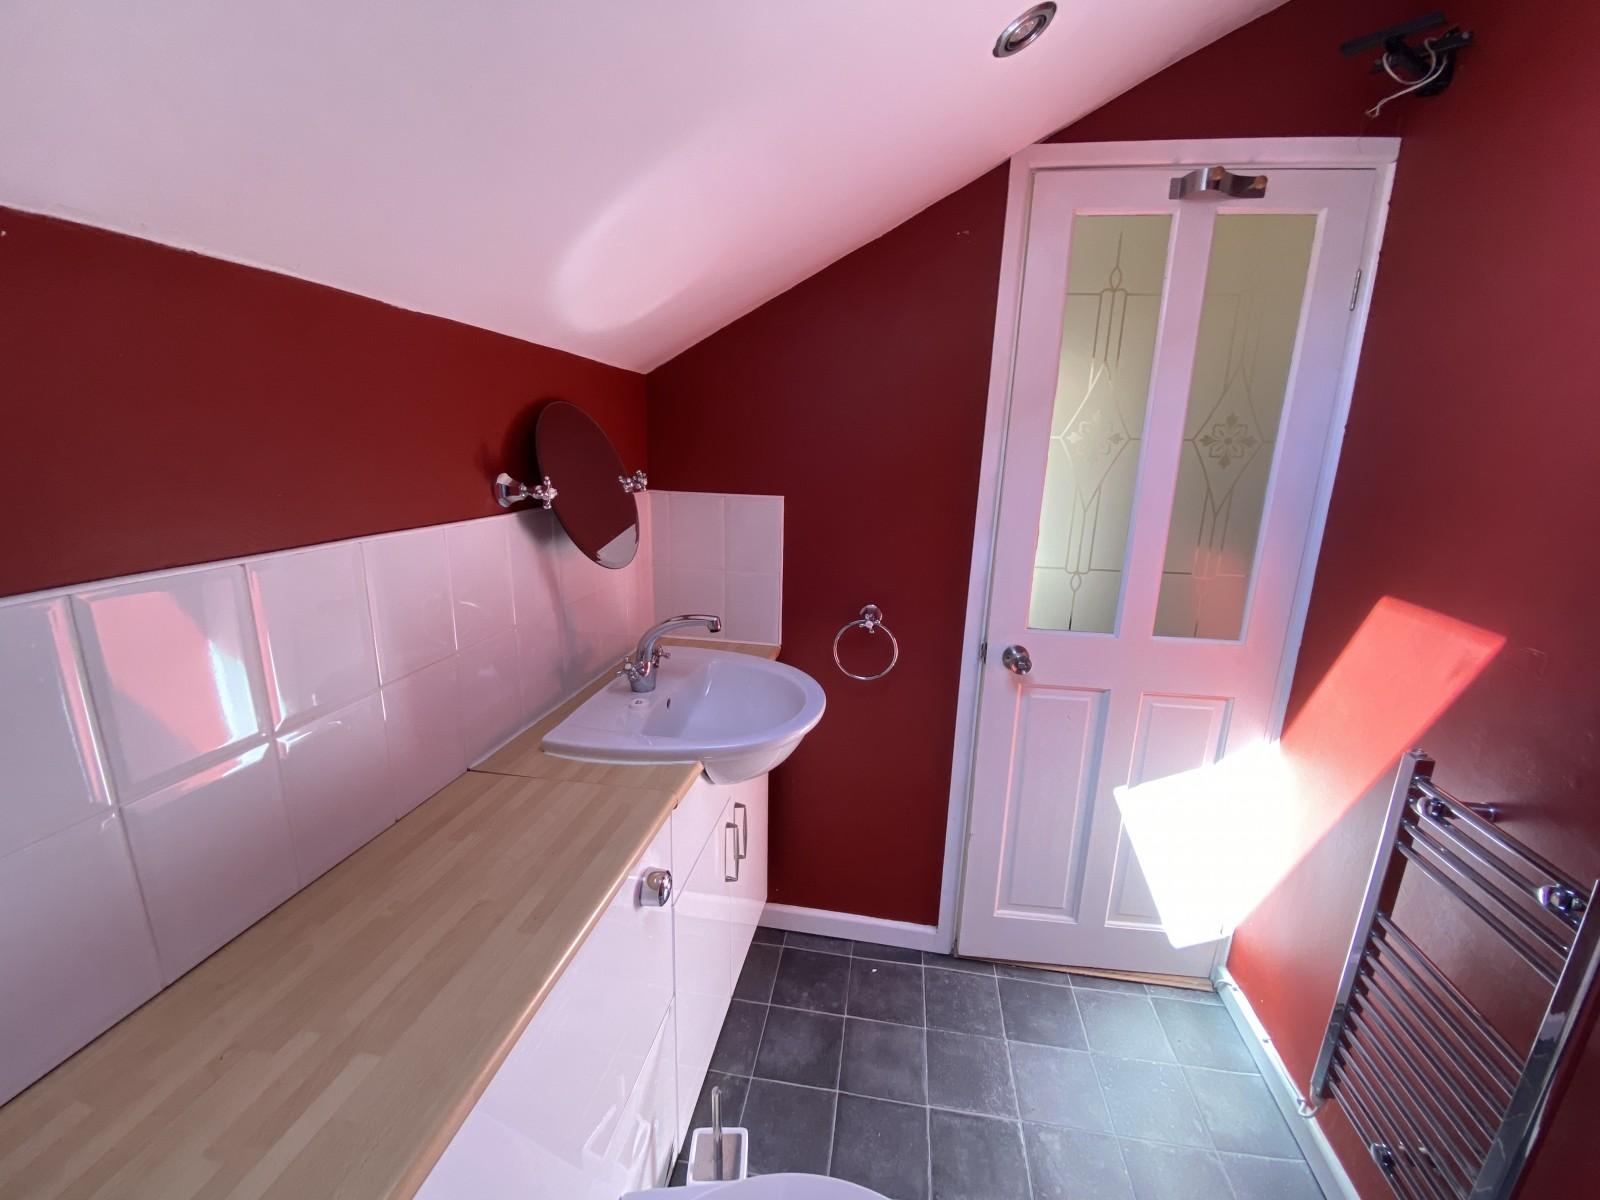 Kitchen Flat to rent in Bognor Regis